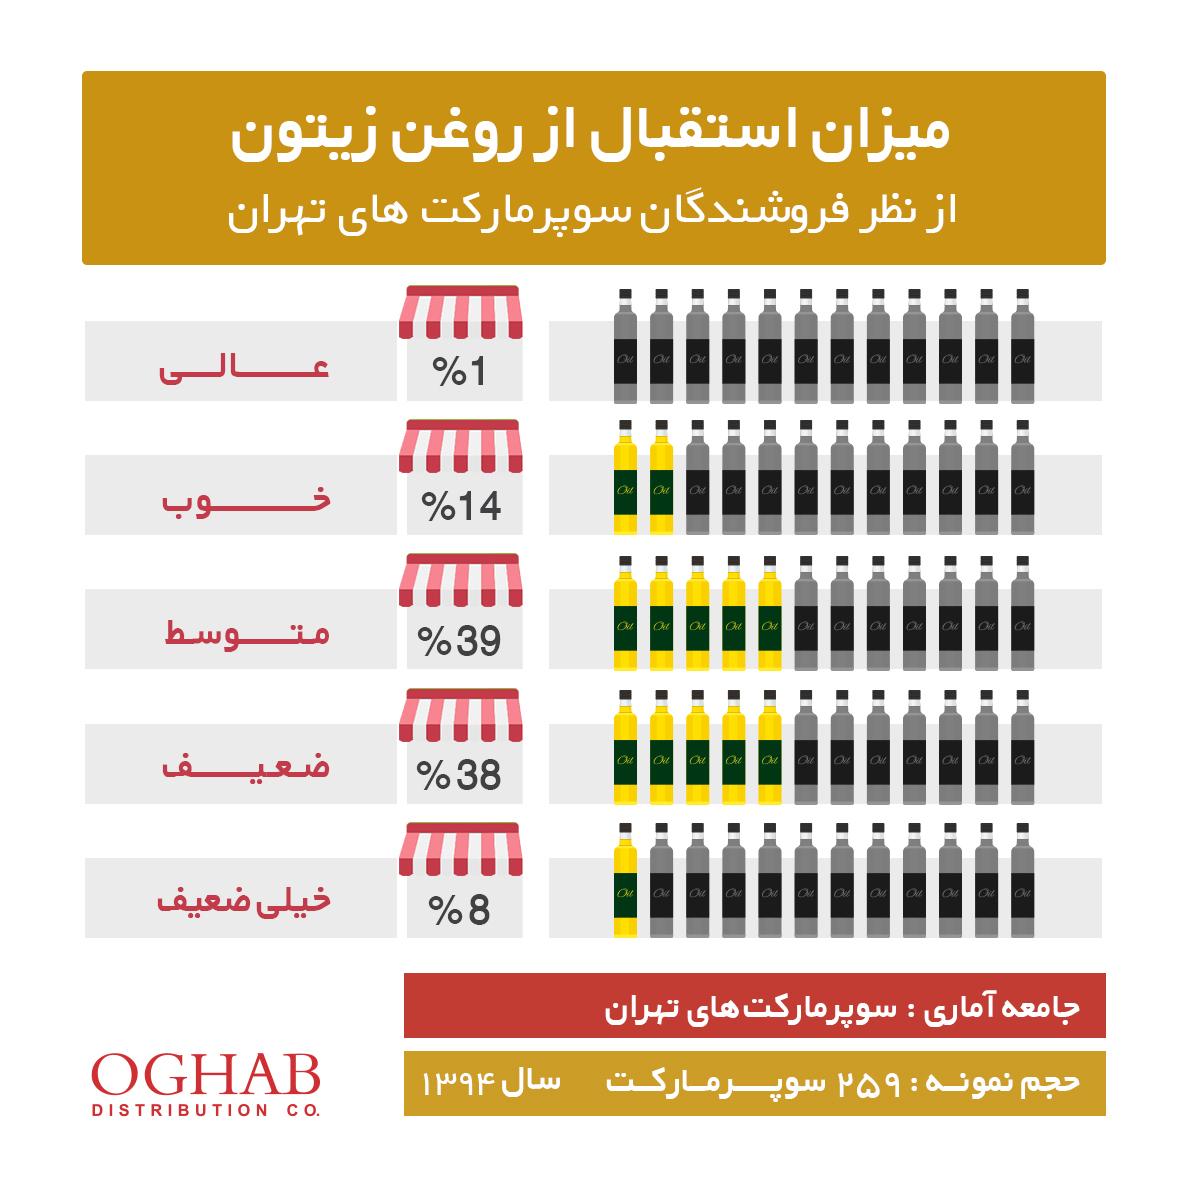 میزان استقبال از روغن زیتون از نظر فروشندگان سوپرمارکتهای تهران